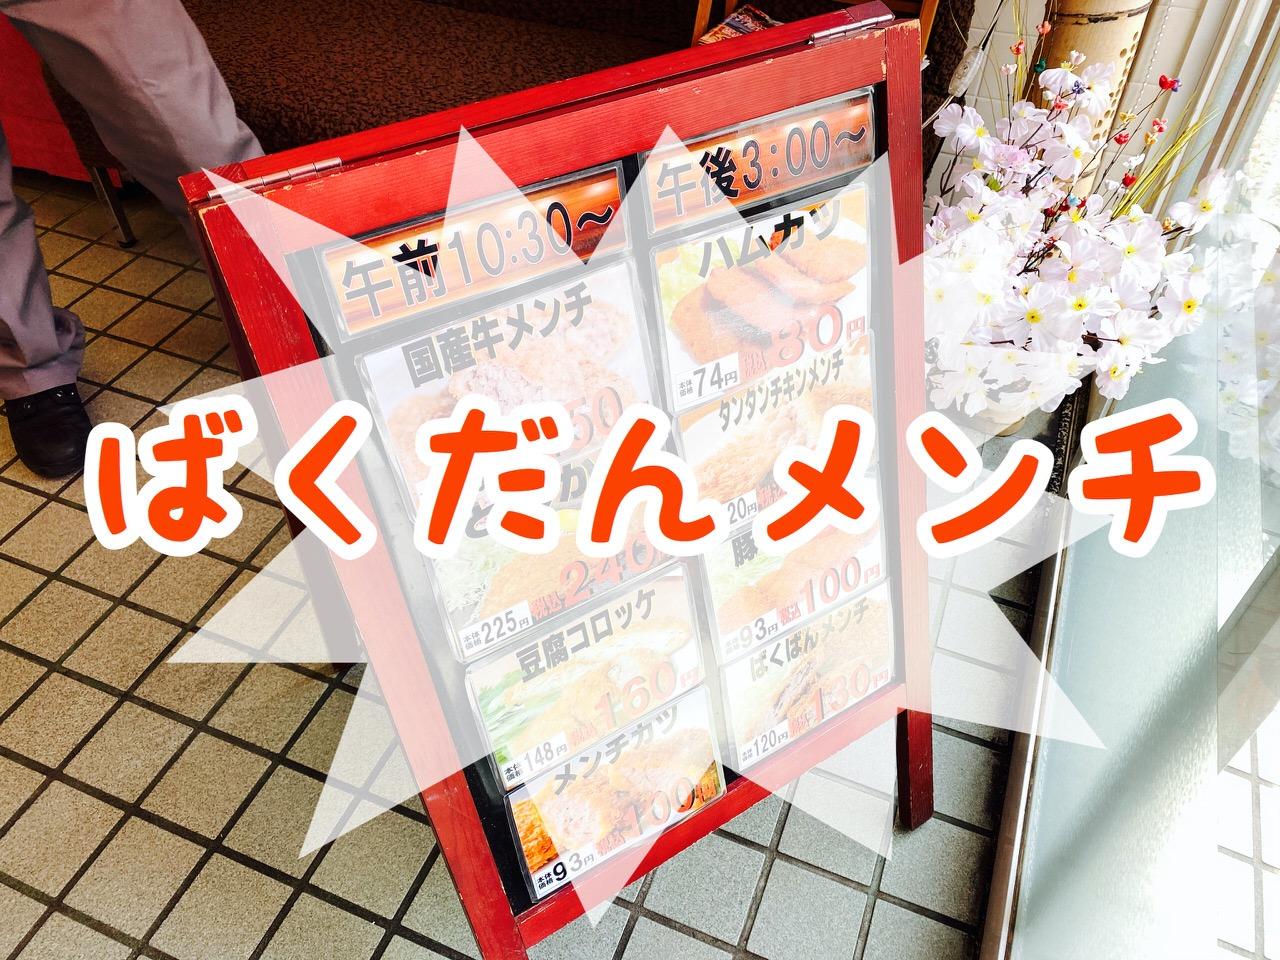 「由基屋精肉店」ばくだんメンチを買い食い(勝浦)